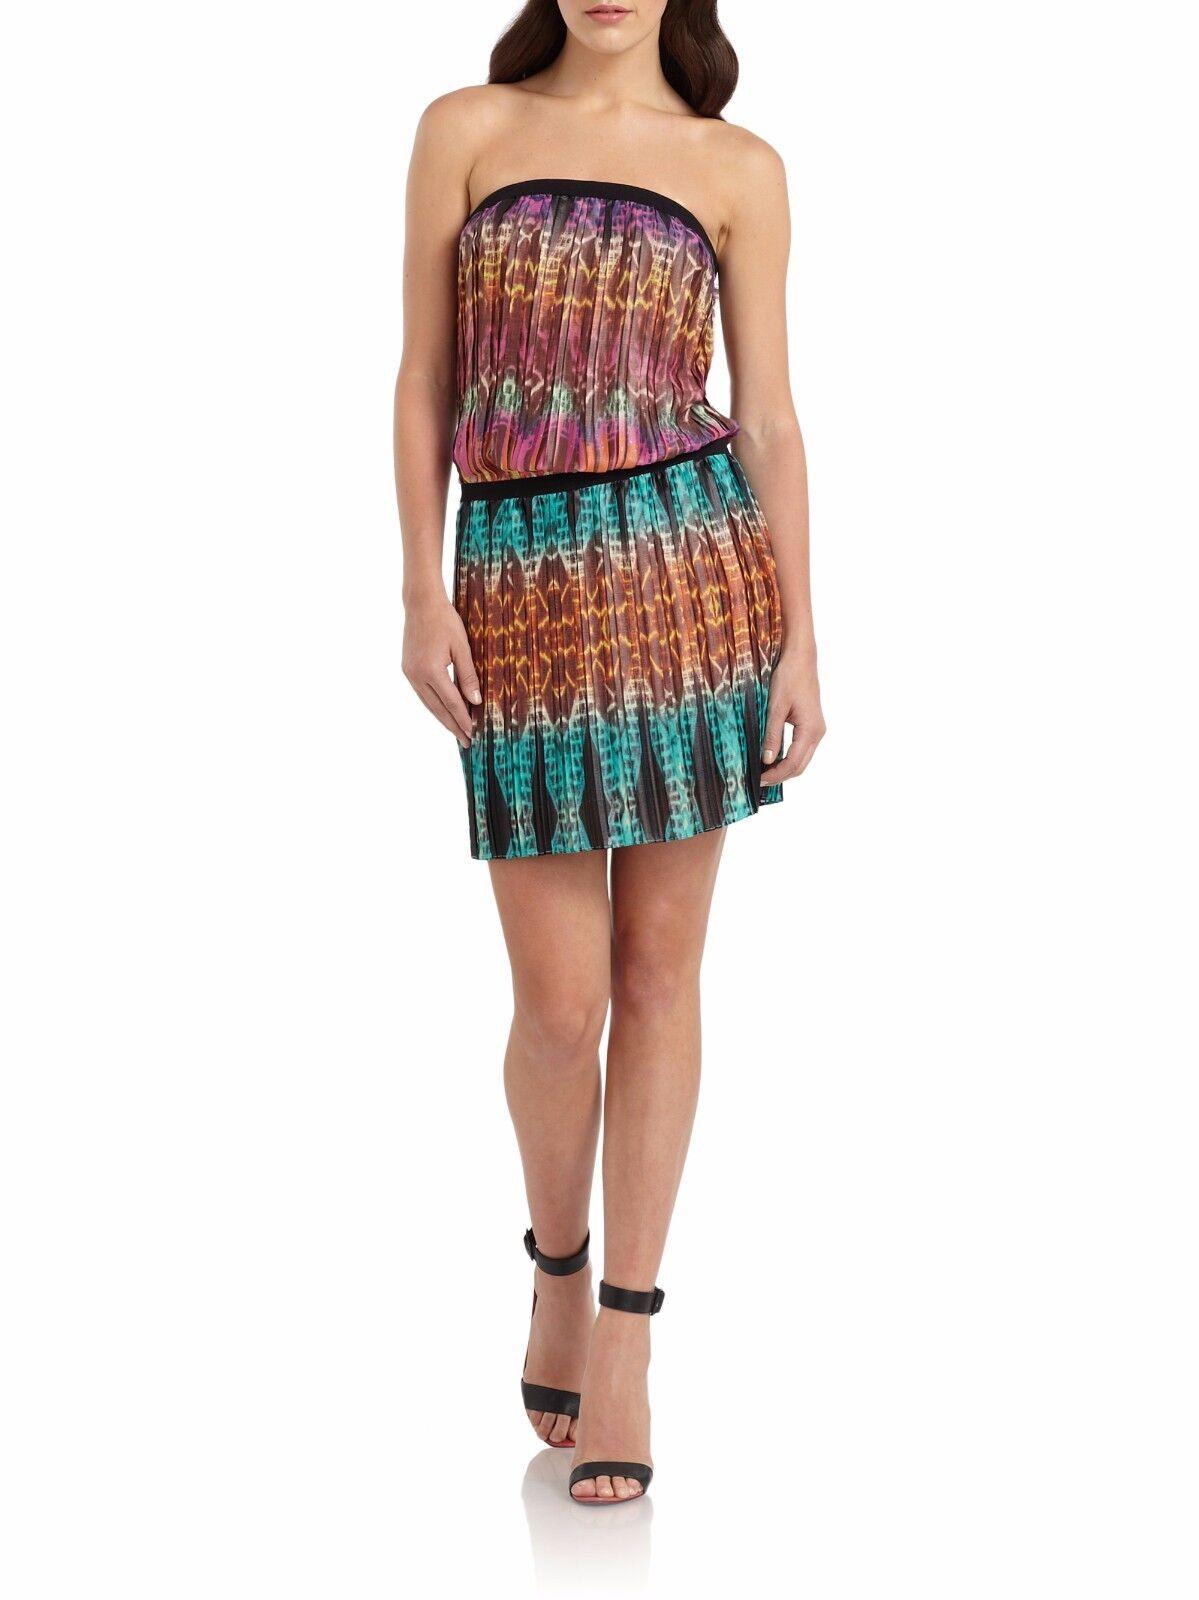 NWT BCBG Maxazria L taja printed strapless mini dress pleated  multi color